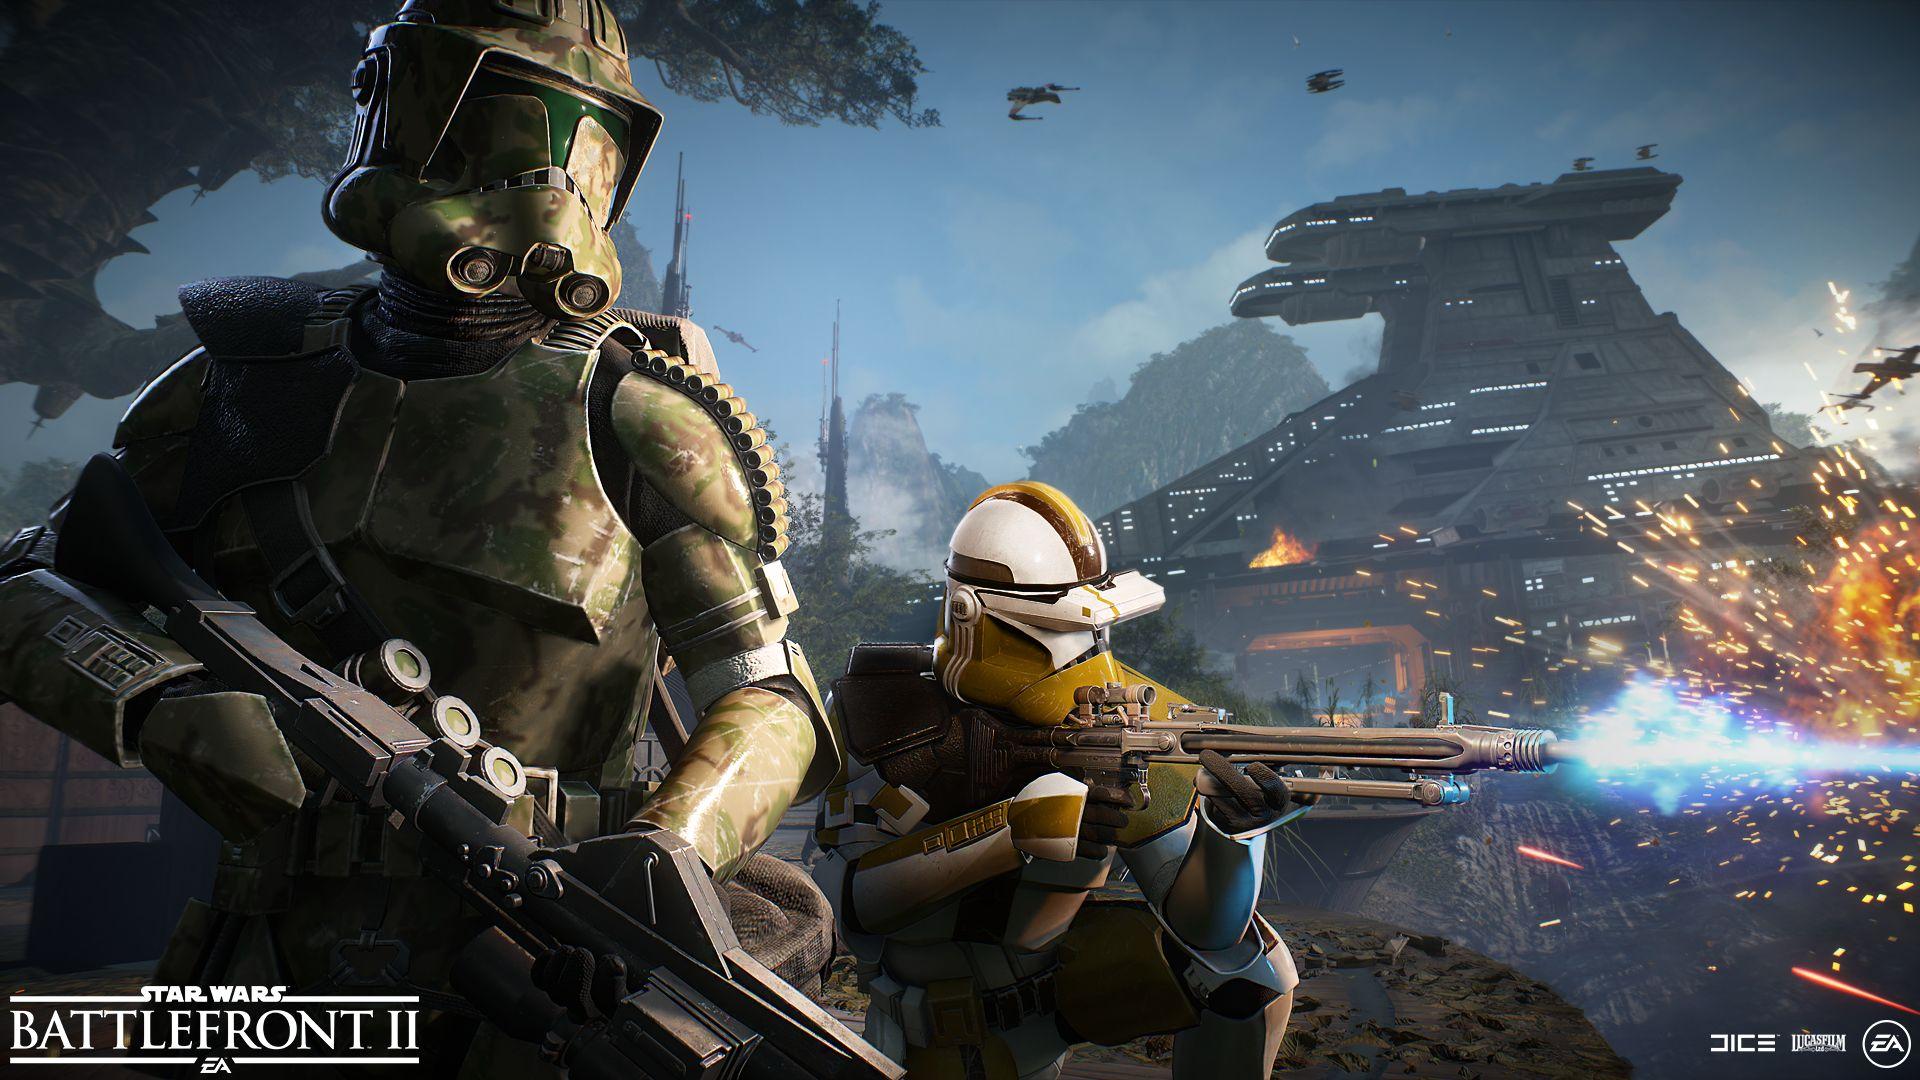 Srpnová aktualizace Star Wars: Battlefrontu 2 přidá jen dva skiny klonů battlefront 2